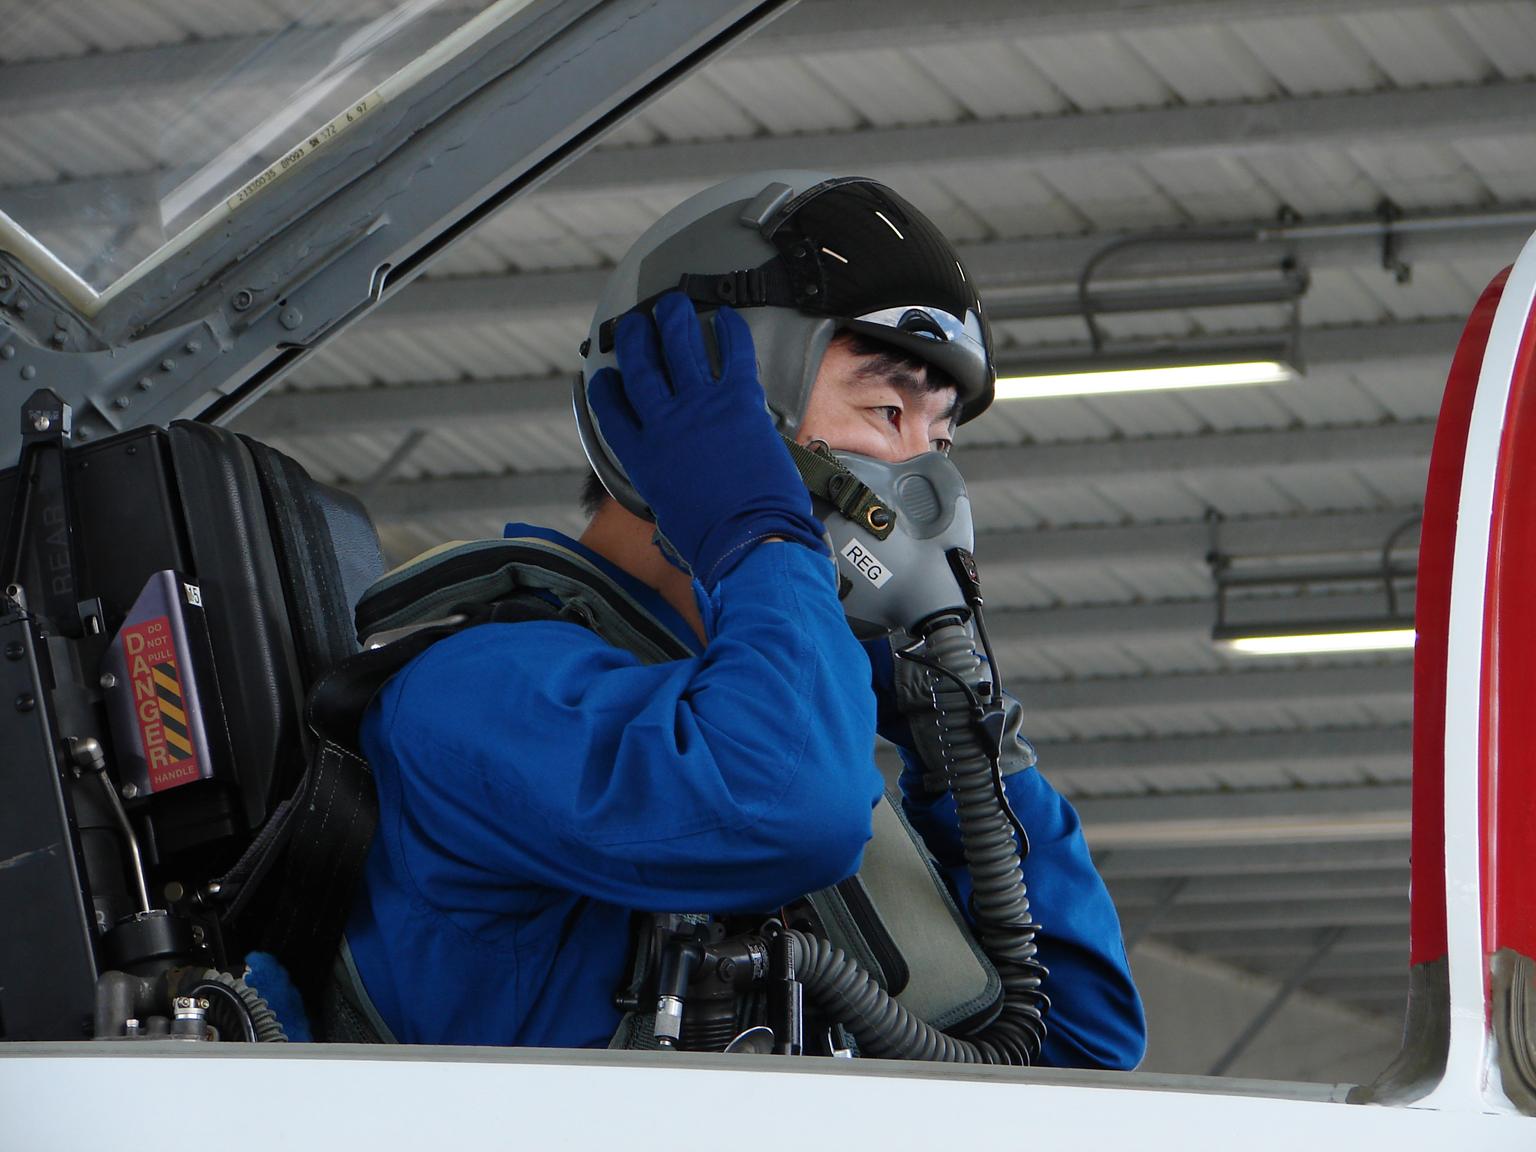 飛行訓練をする油井飛行士